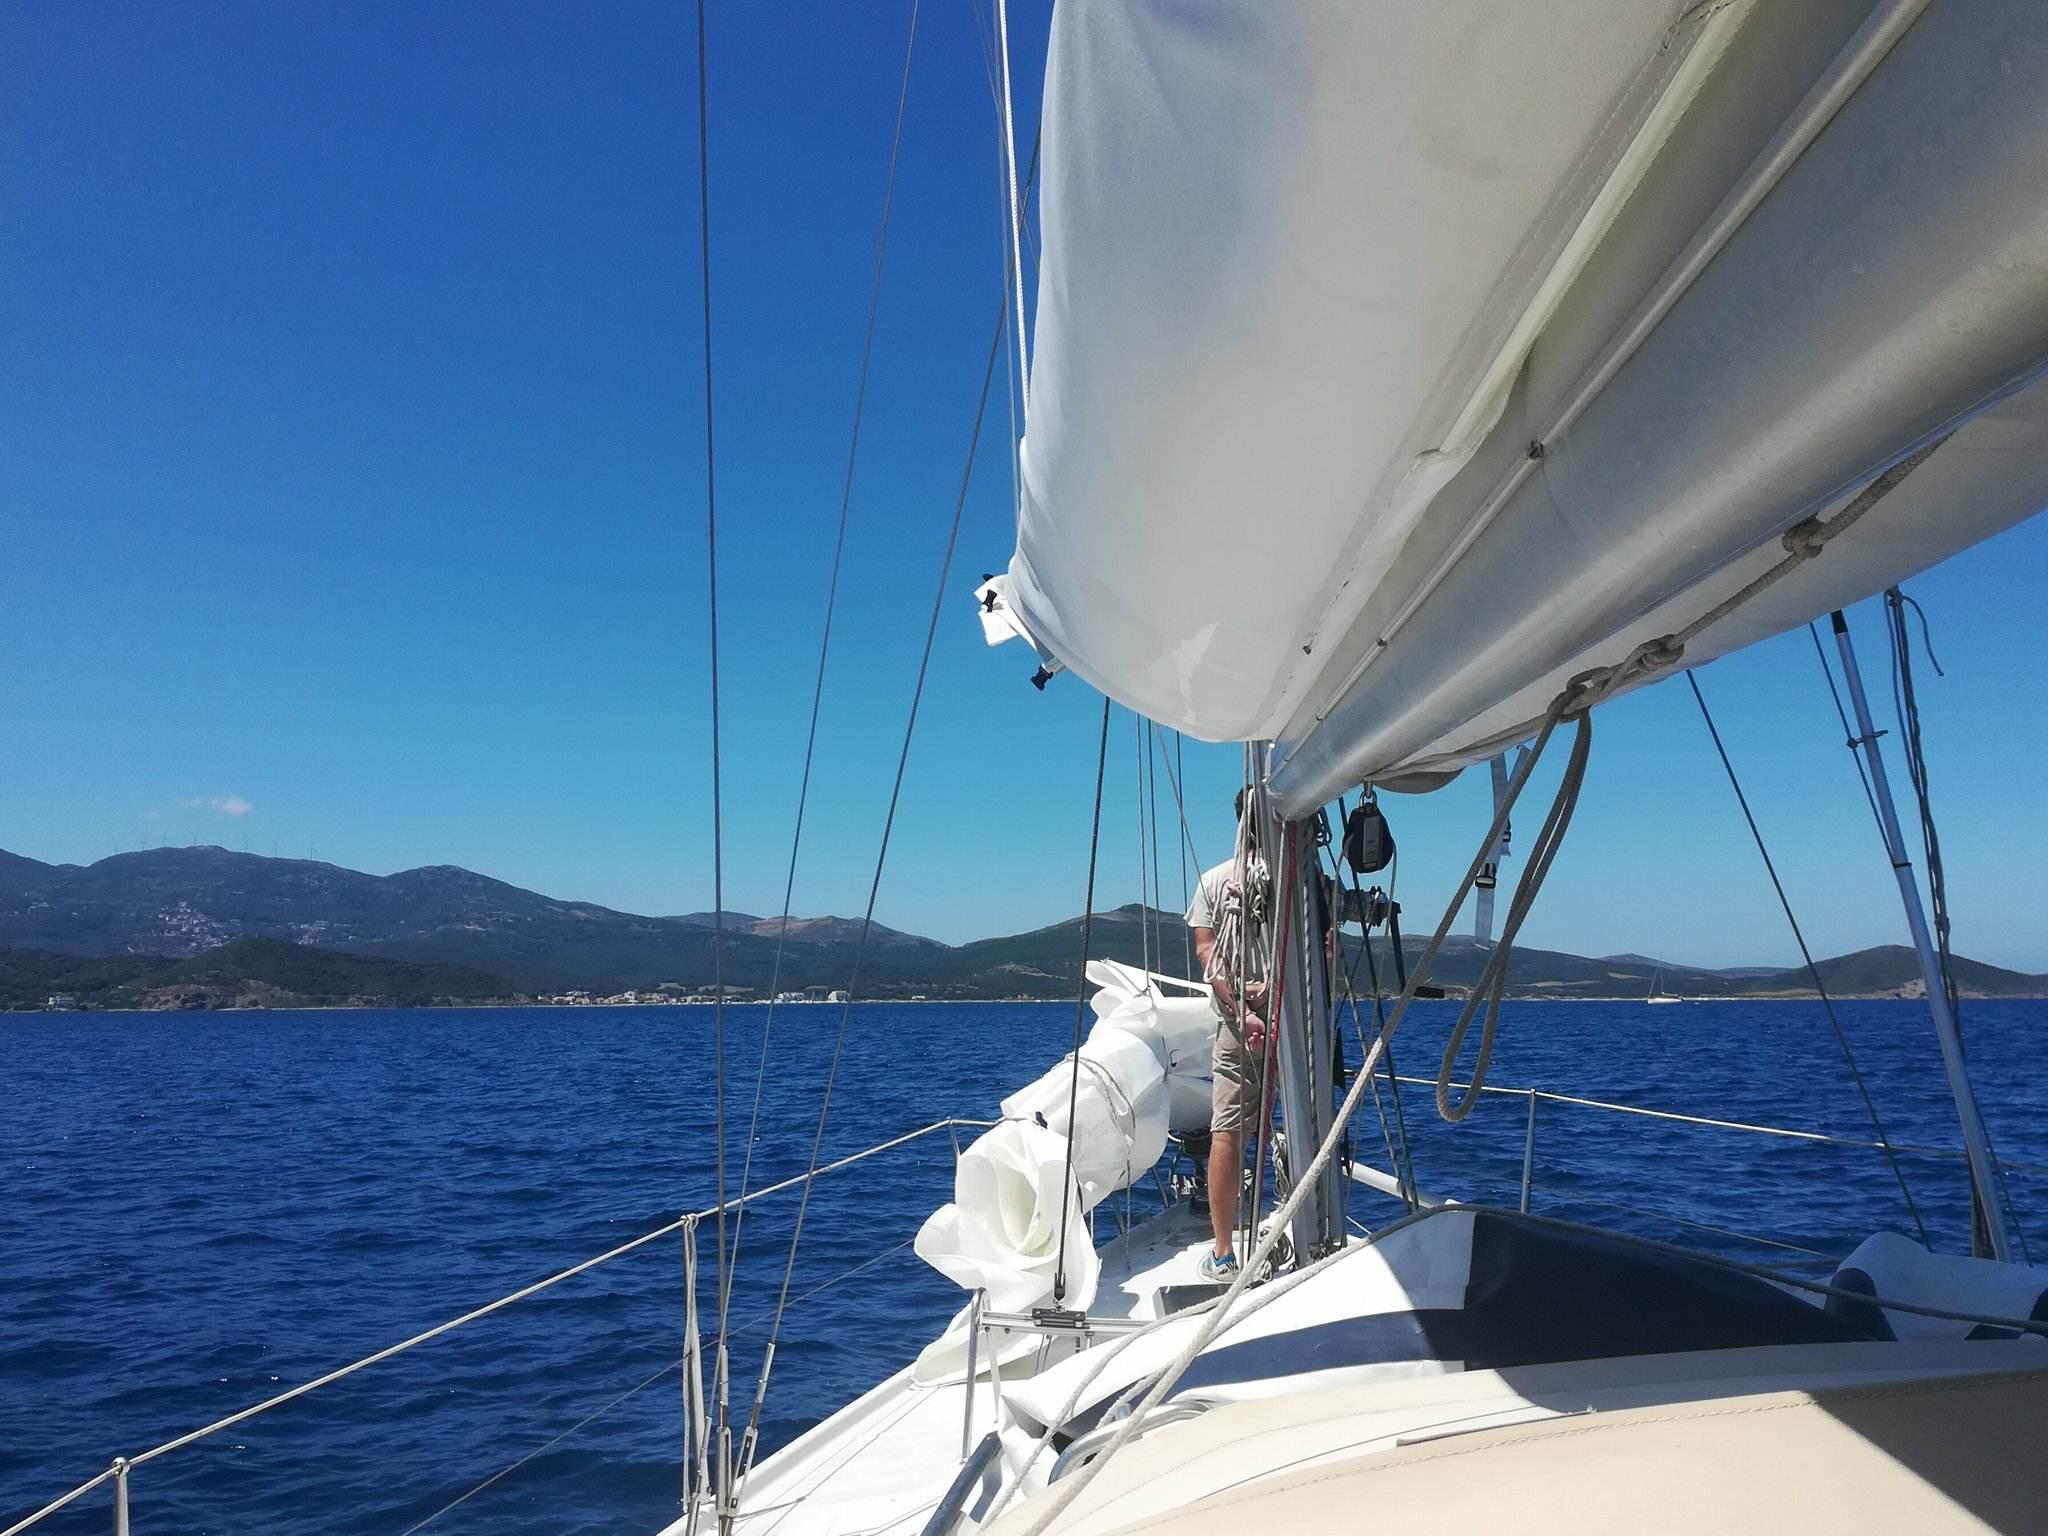 Vacanza in barca a vela all'Isola d'Elba dal 26 Giugno al 2 Luglio